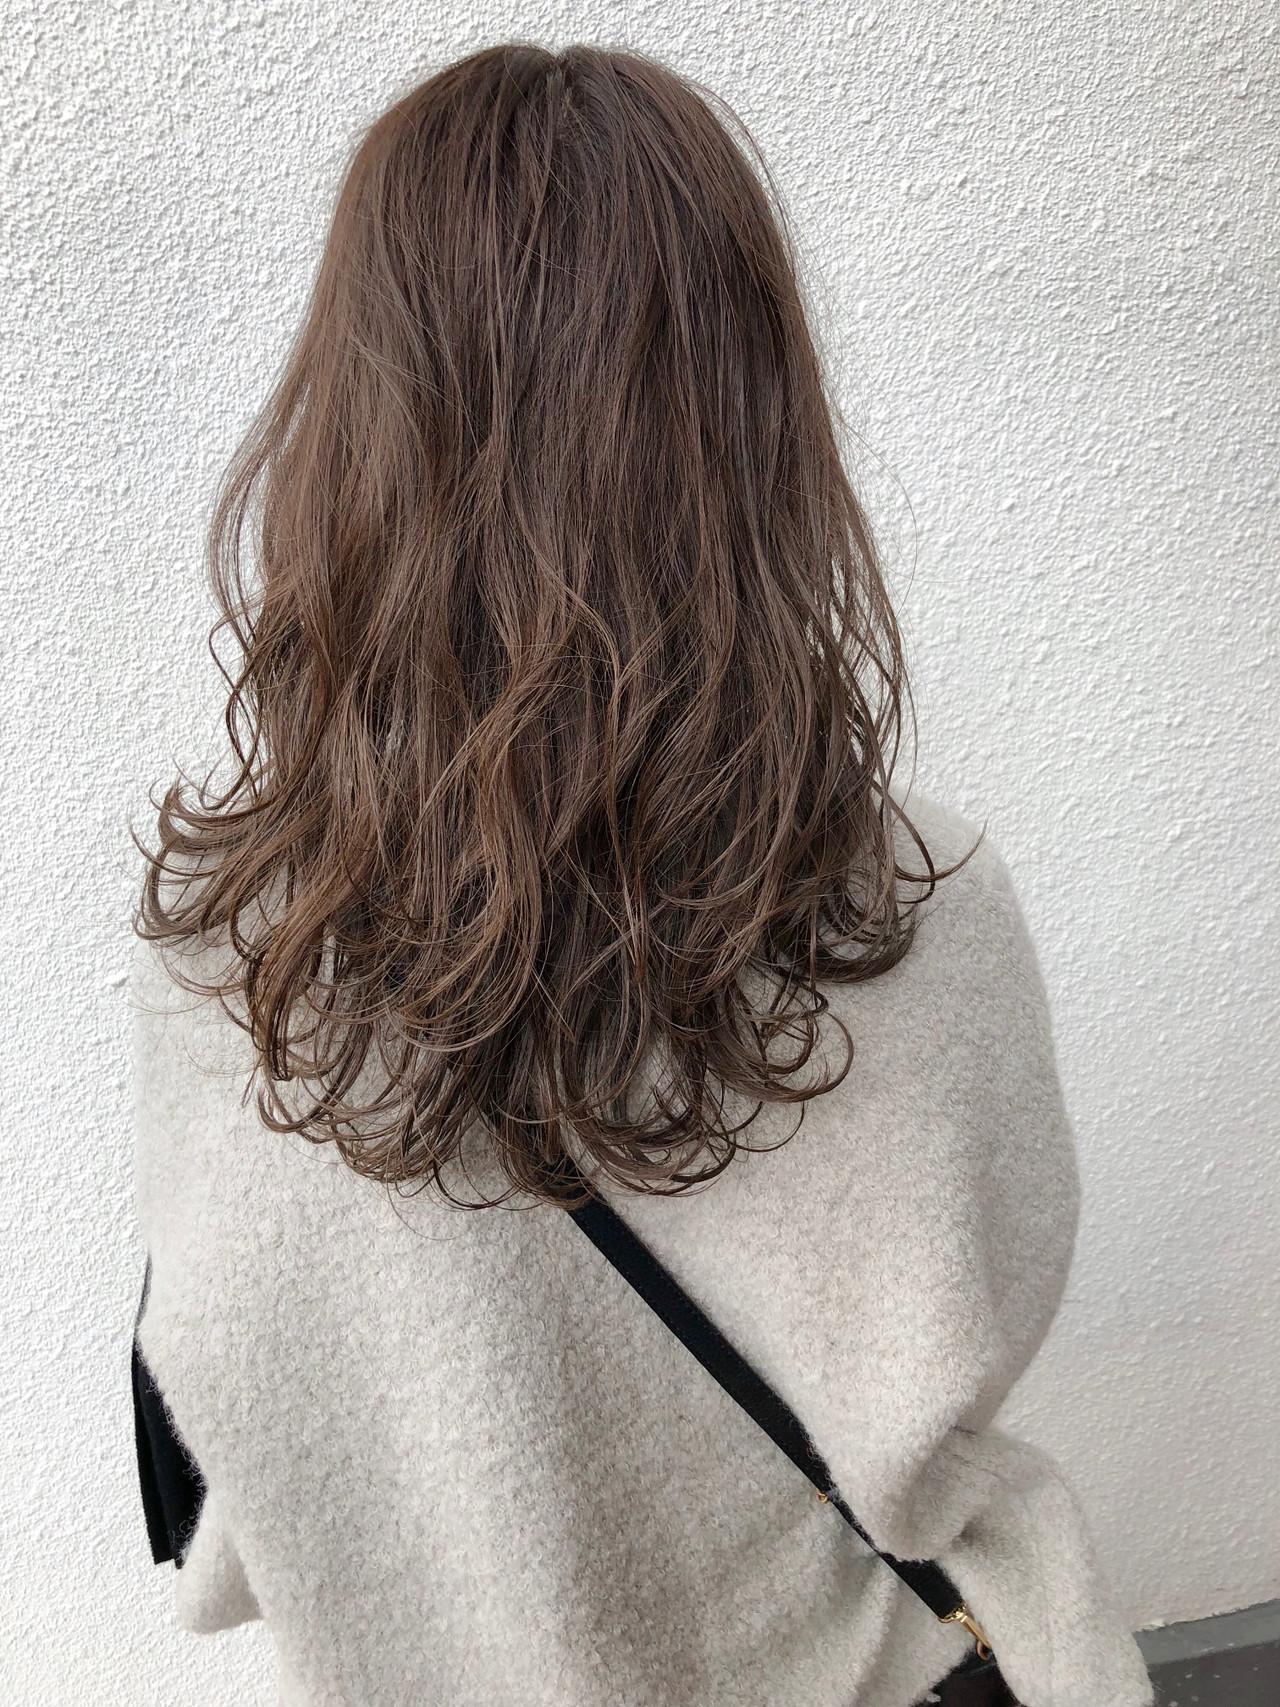 セミロング アンニュイほつれヘア 簡単ヘアアレンジ ベージュ ヘアスタイルや髪型の写真・画像 | 篠田 雅樹 / Ame briller 【アムブリエ】